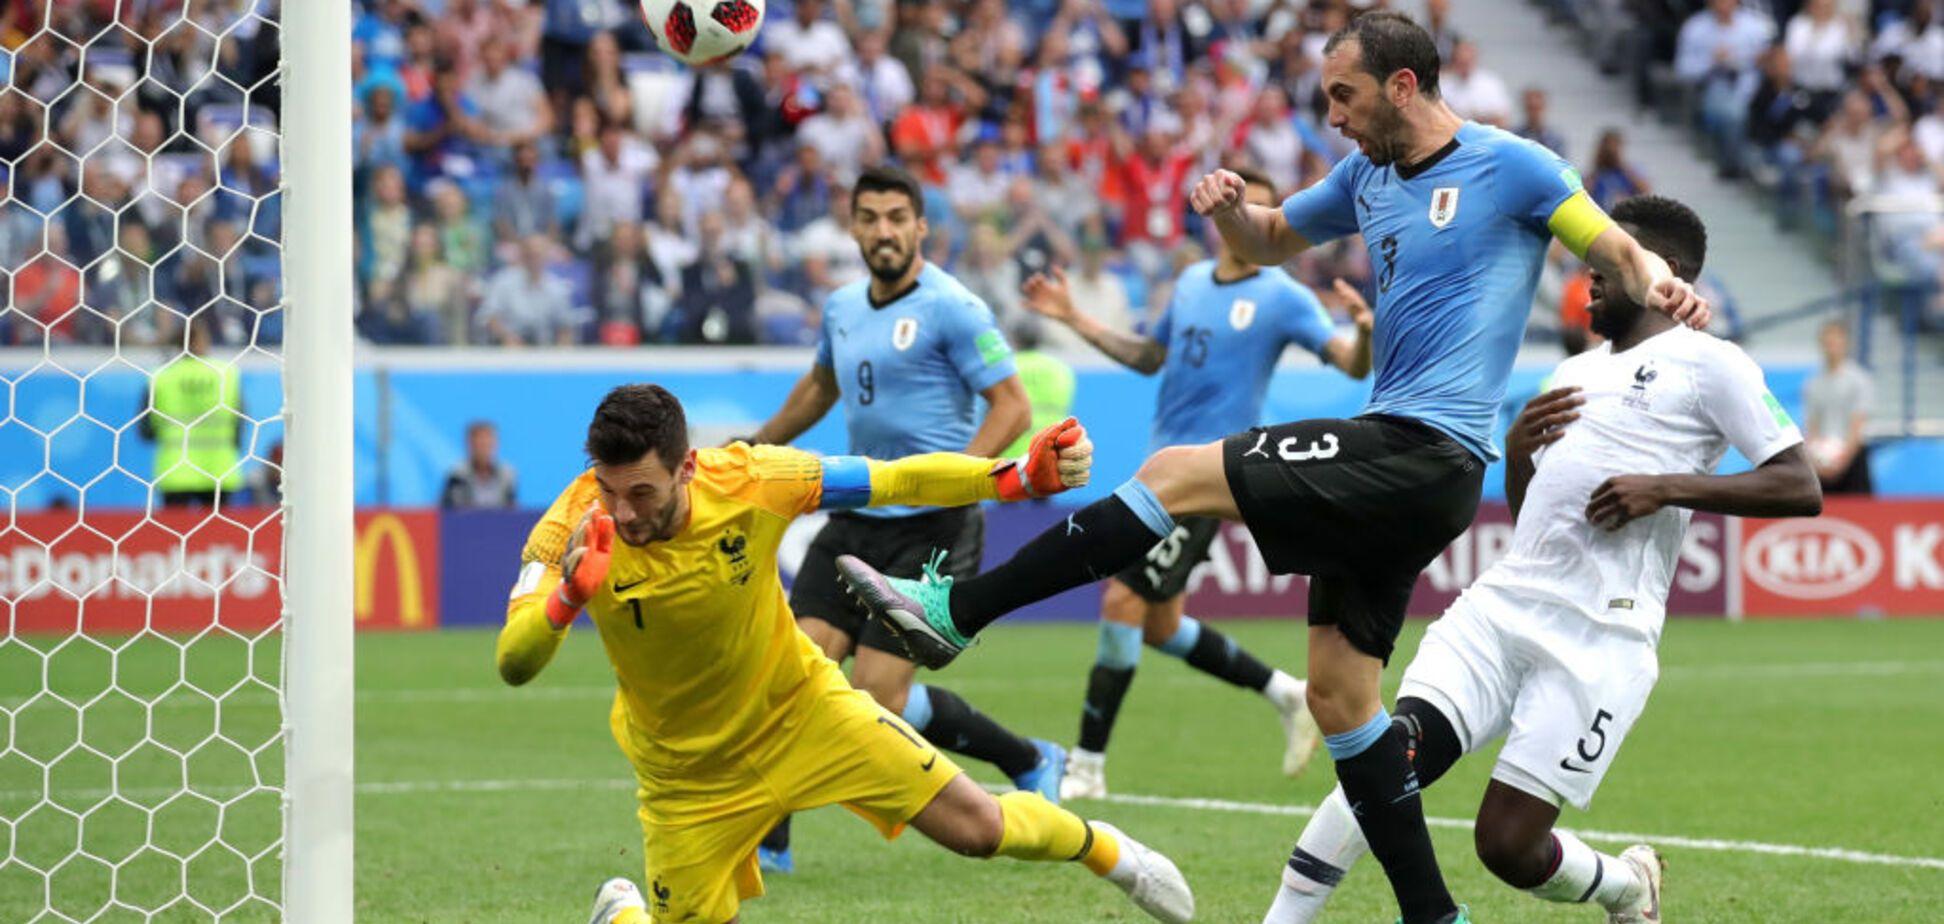 Уругвай - Франція: огляд матчу 1/4 фіналу ЧС-2018